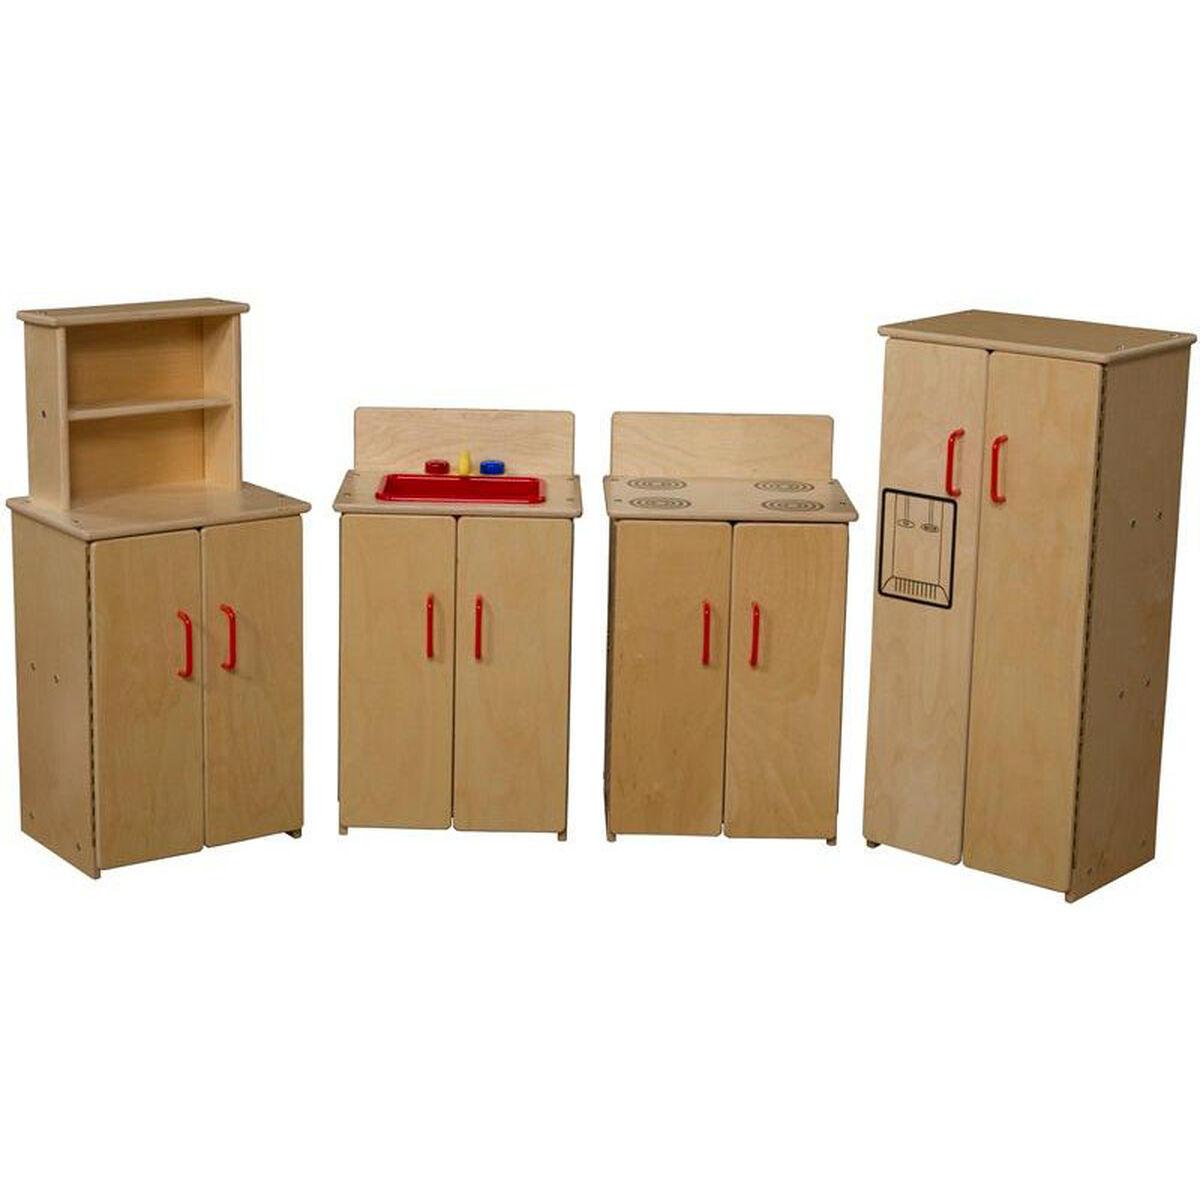 Wood designs contender set of four wooden kitchen - Red kitchen appliances ...